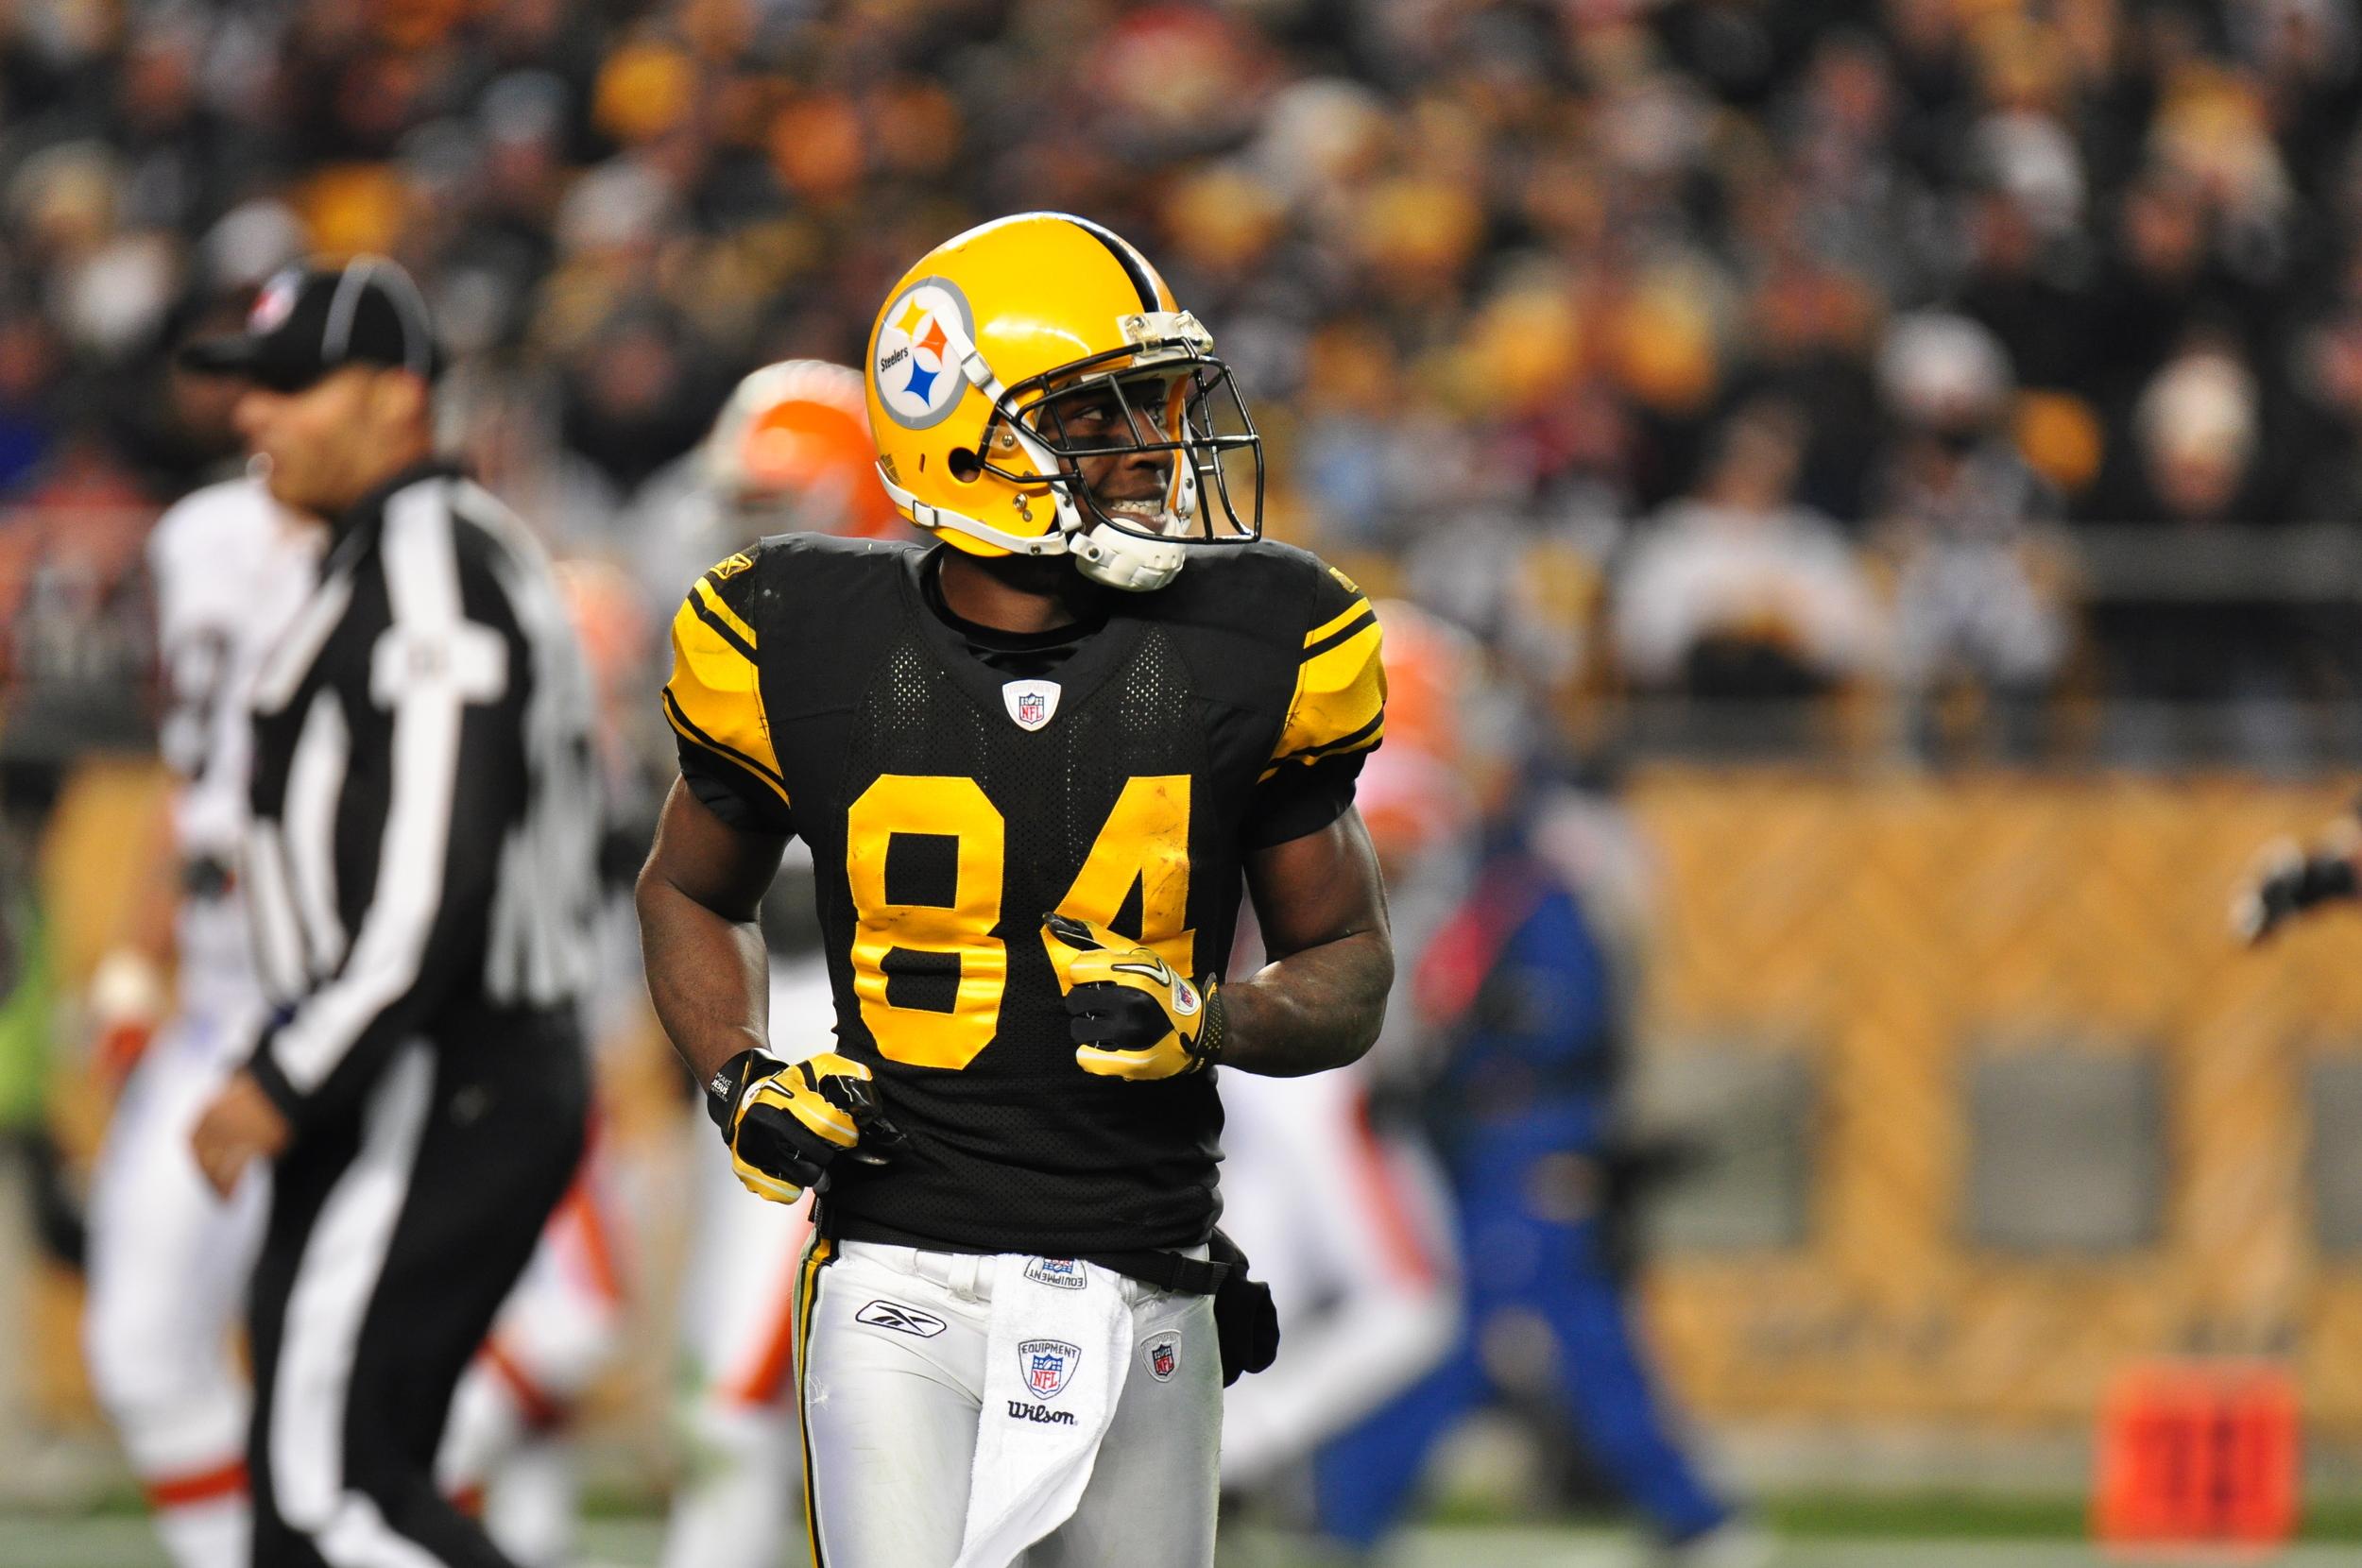 132 Antonio Brown Steelers vs Browns 2011.jpeg